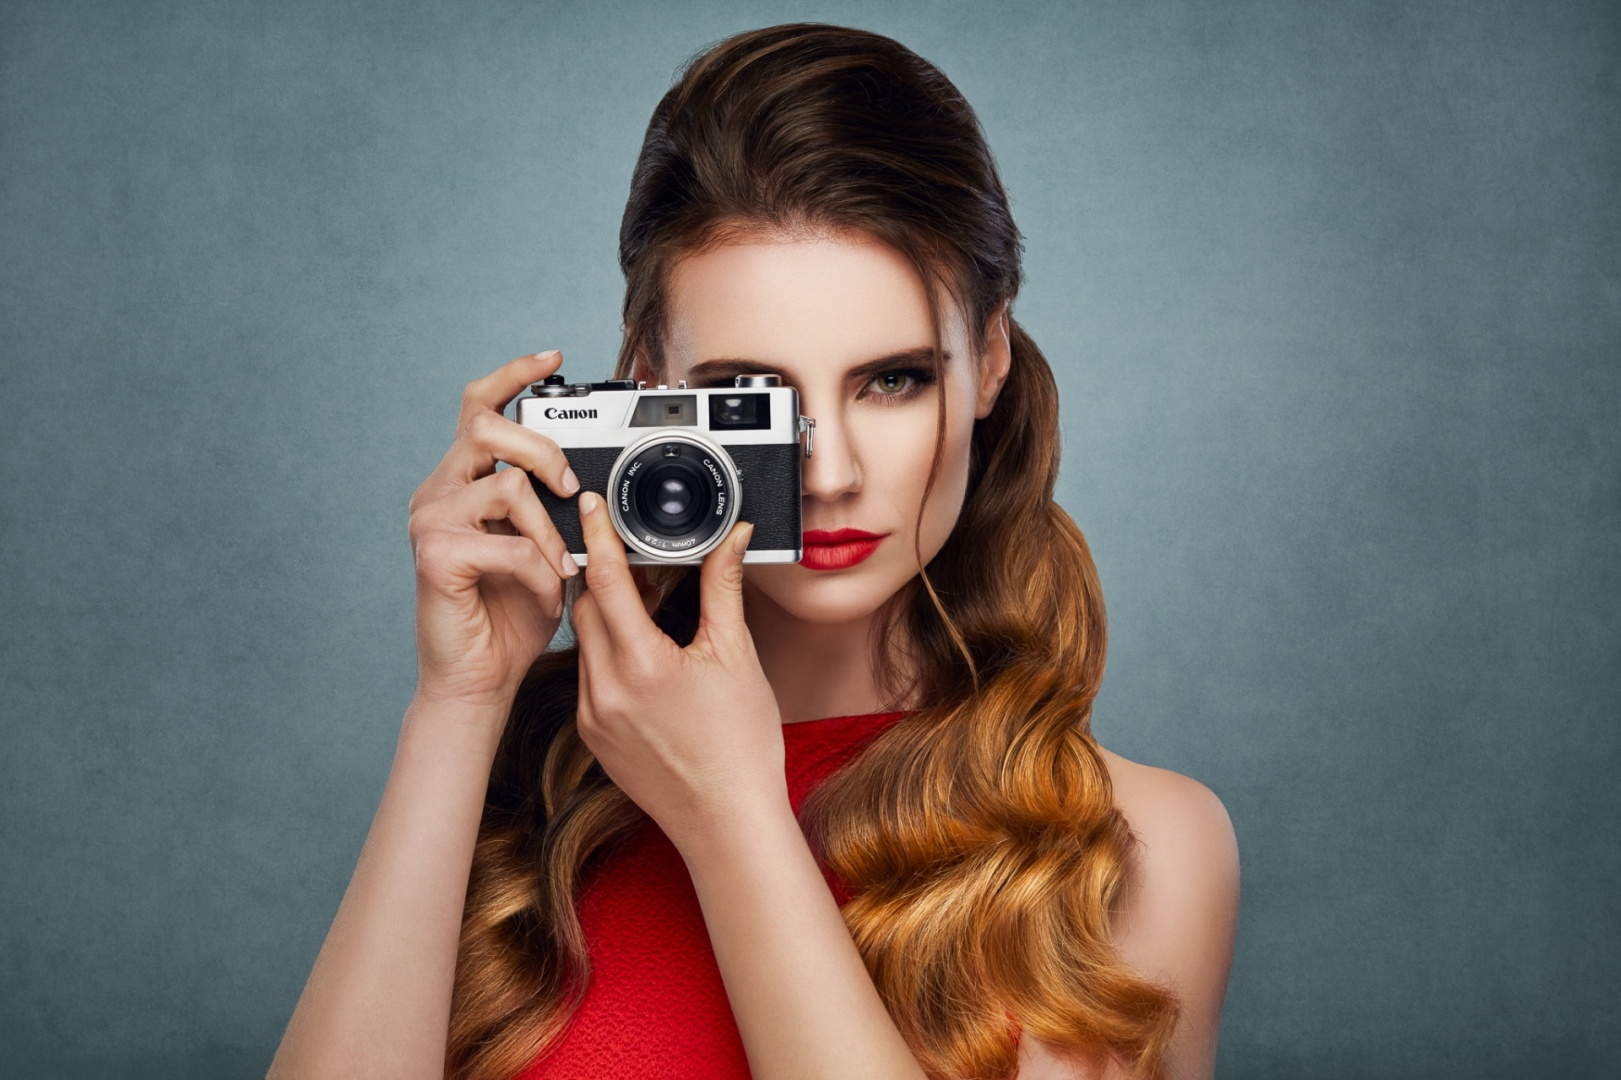 Moda/Photographer